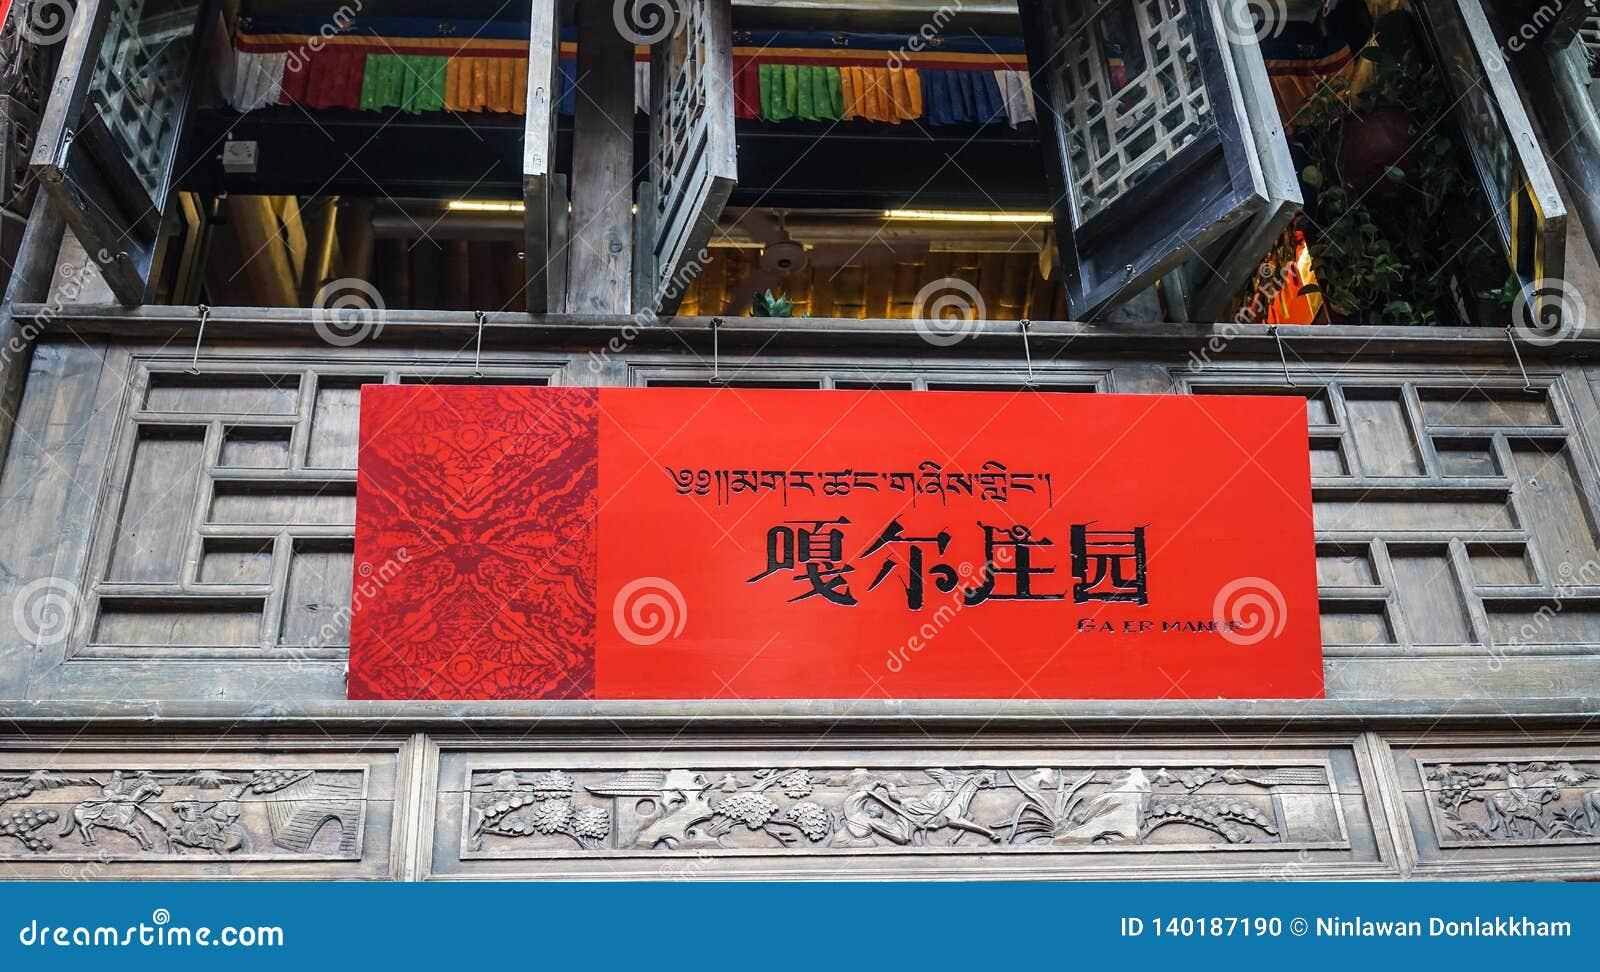 Tienda de madera del viejo vintage tibetano del estilo